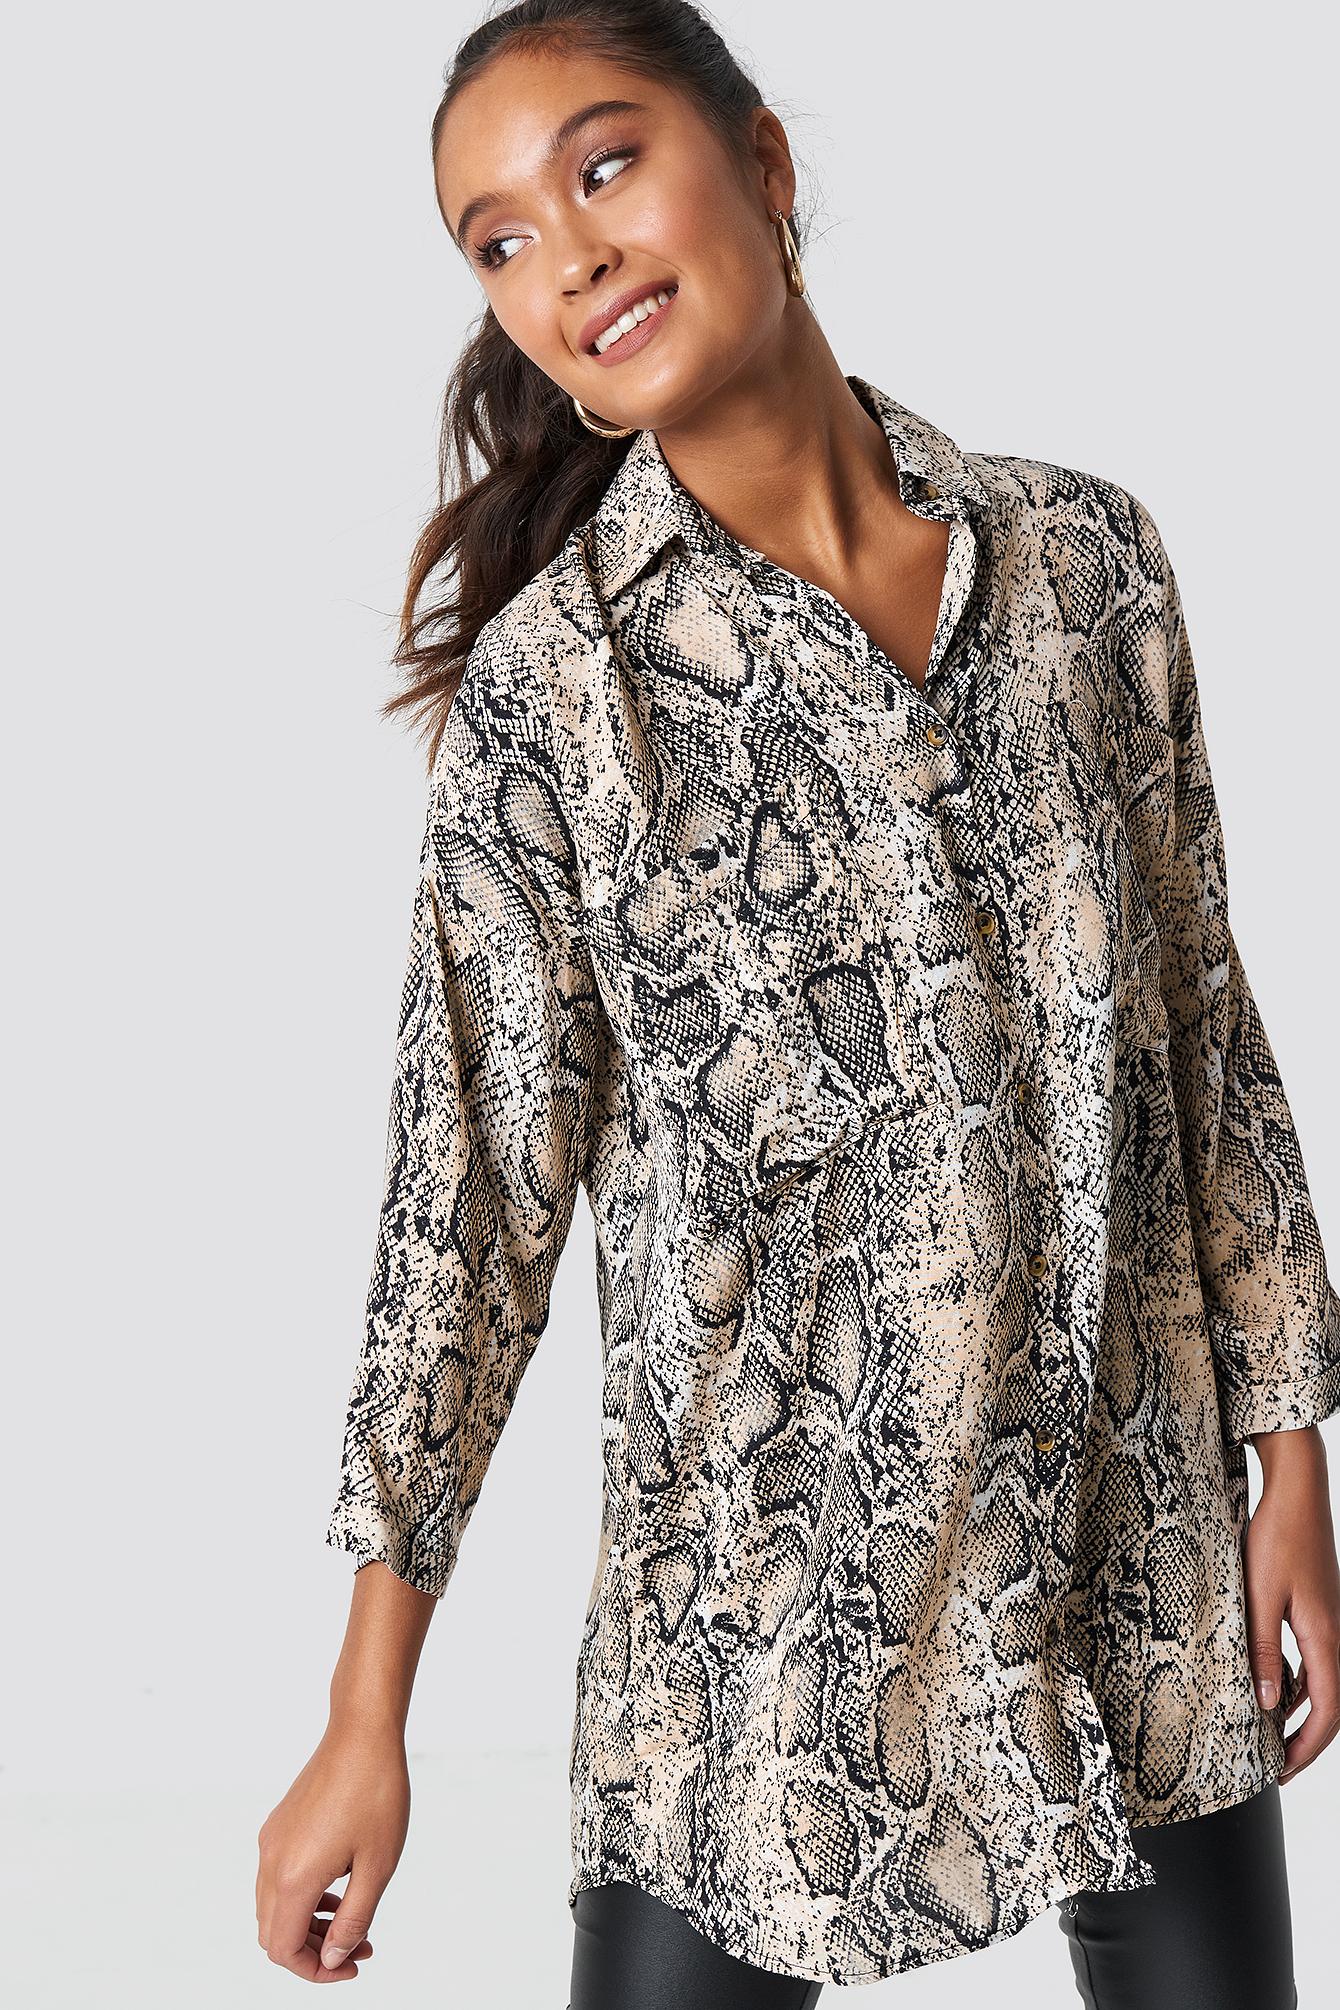 trendyol -  Snakeskin Pattenerd Shirt - Beige